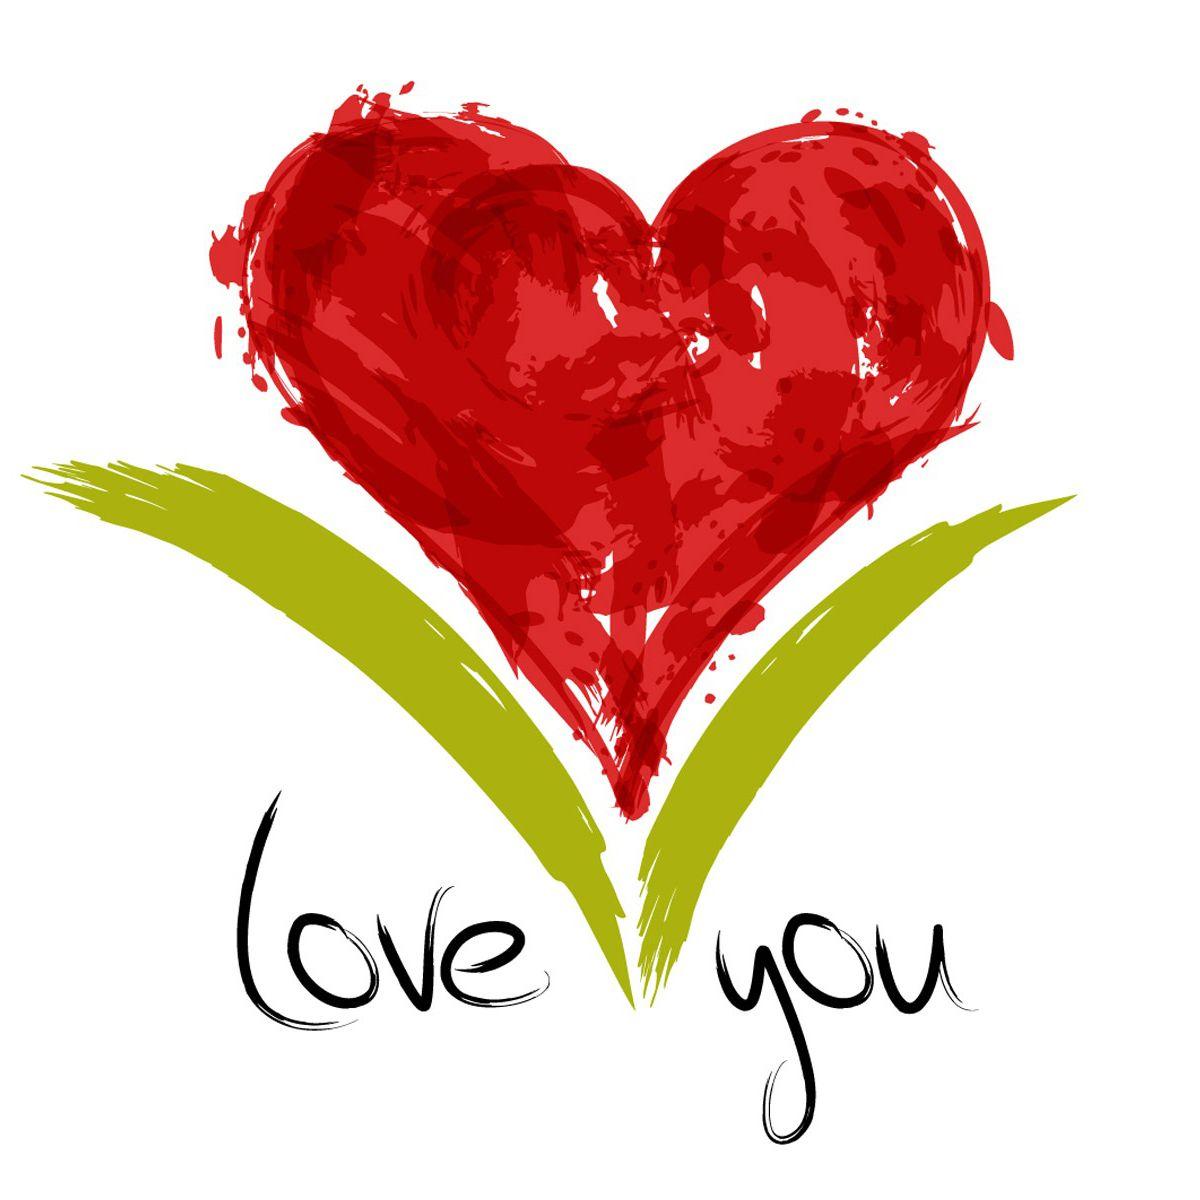 lovw you whatsapp dp wallpaper love romance whatsapp dp mobile